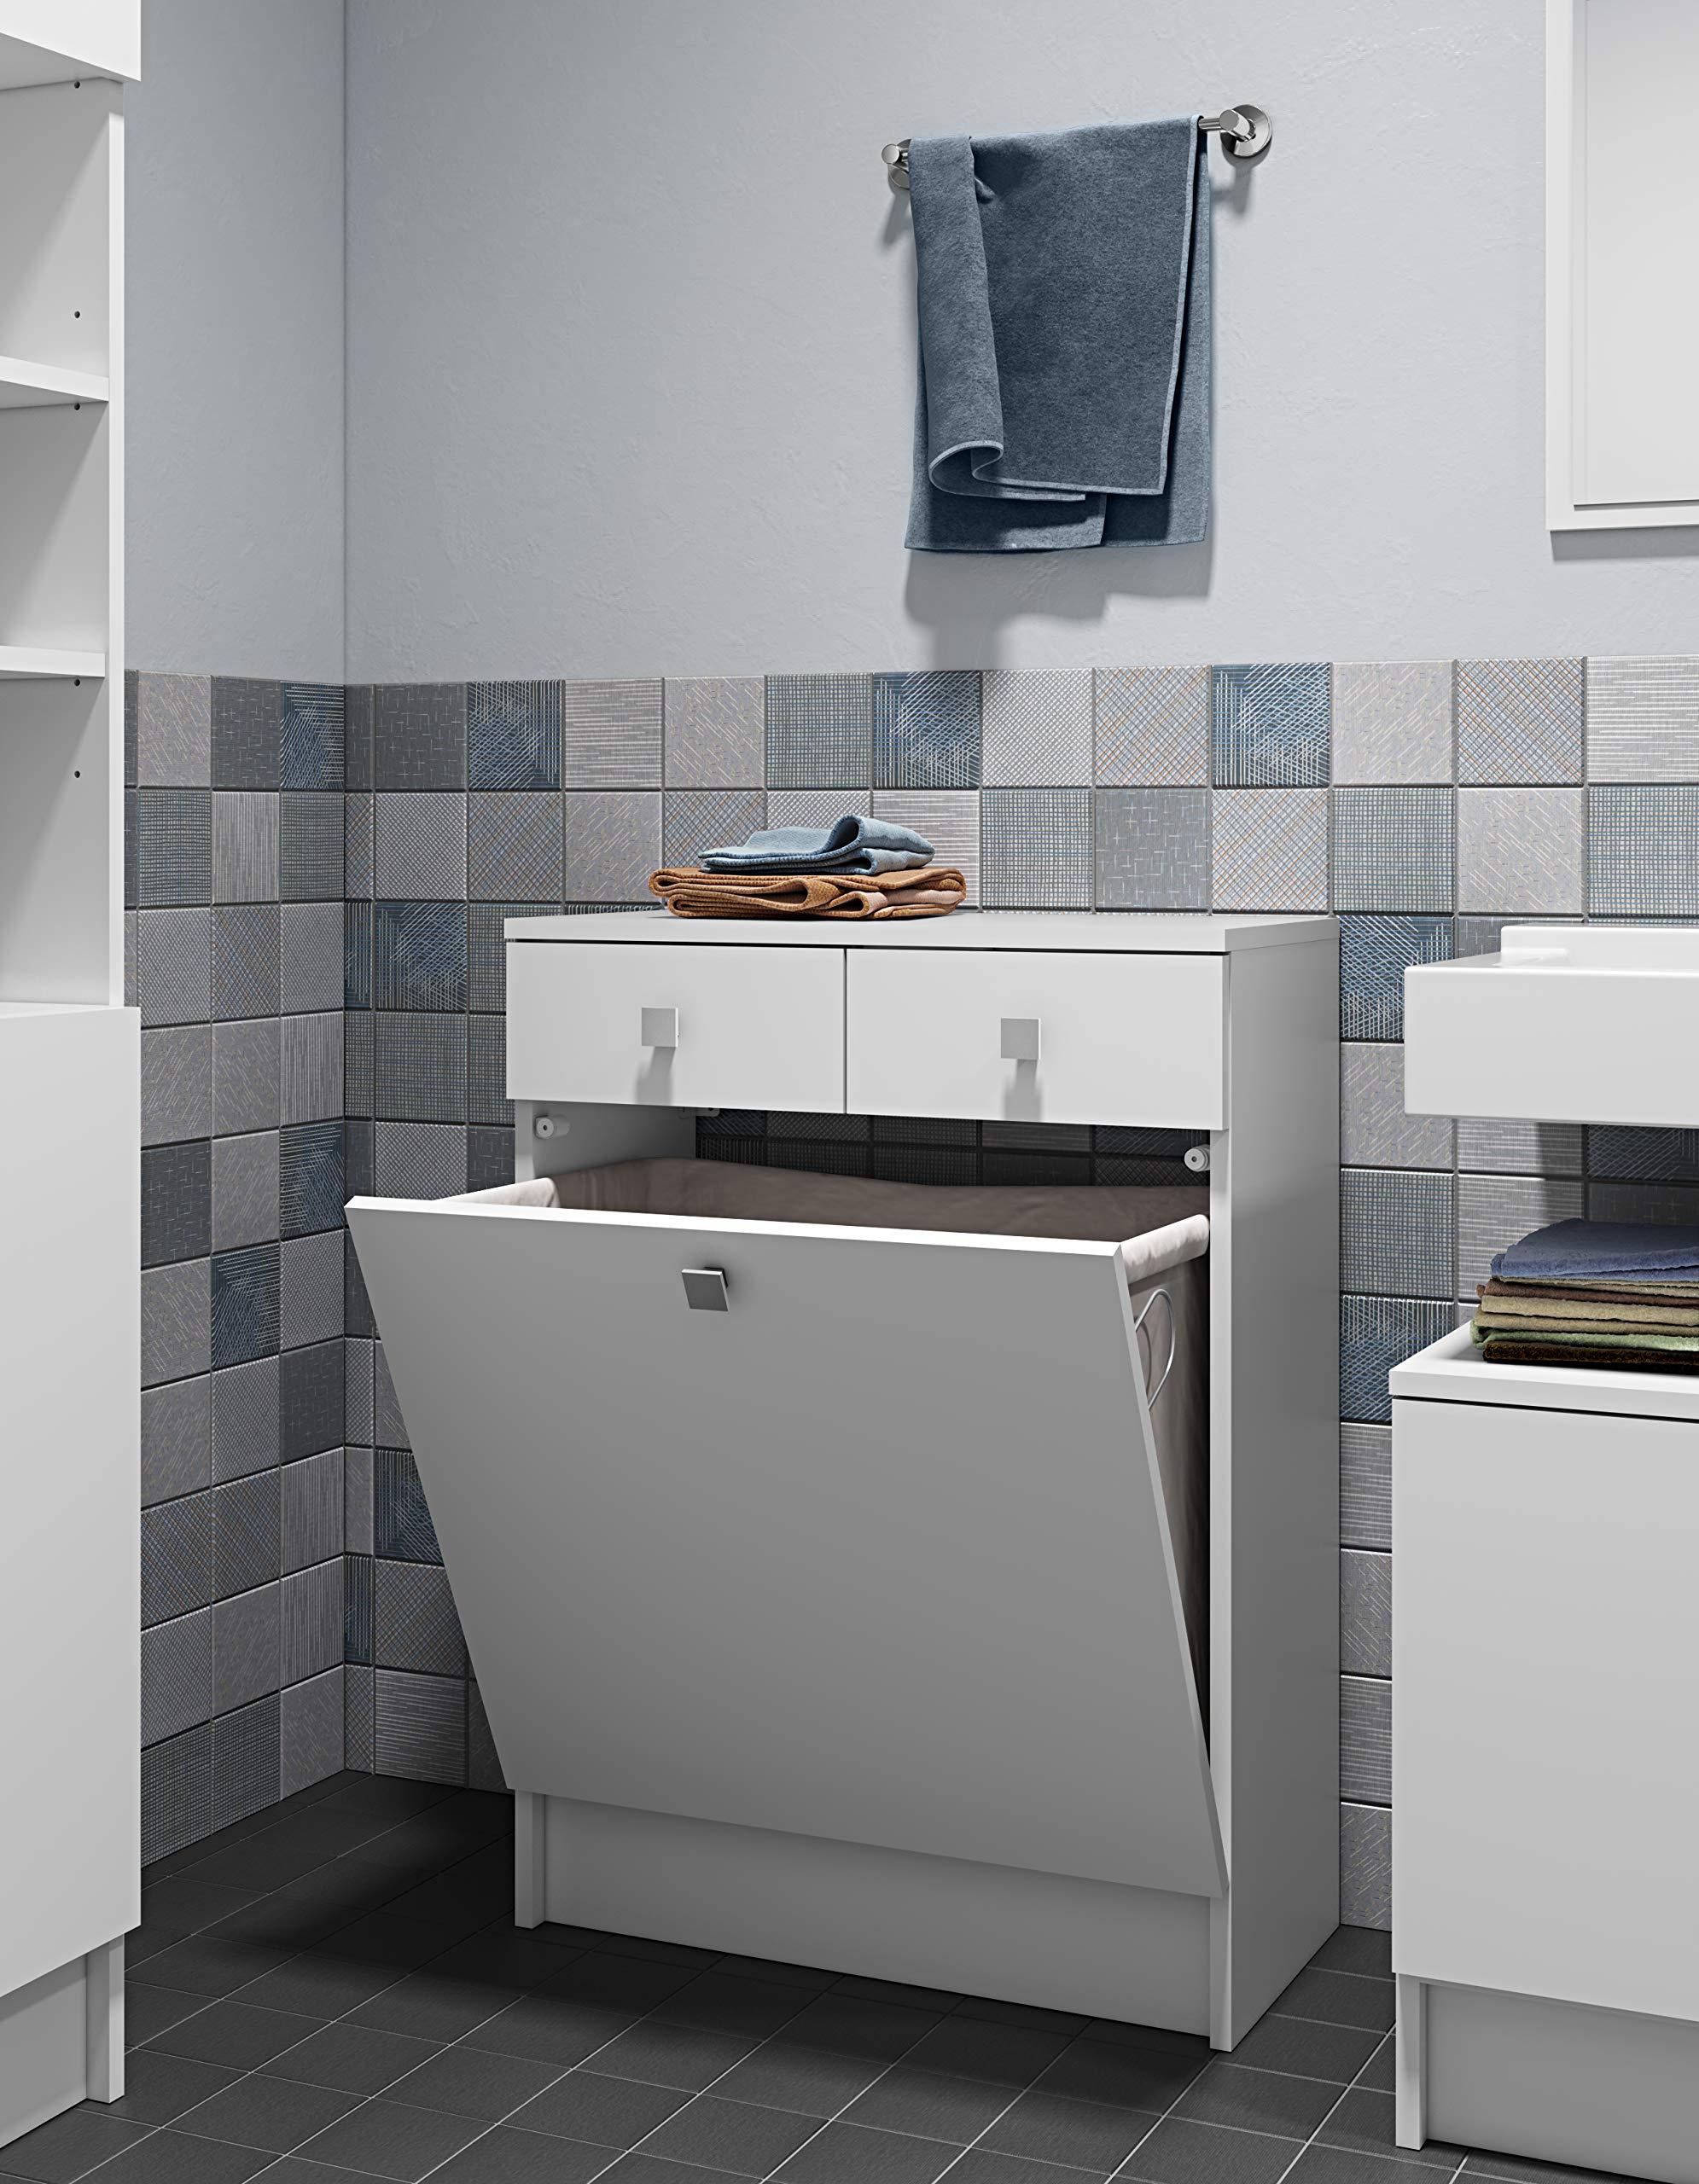 Symbiosis 6084 a2121 a17 Küchenunterschrank Zeitgenössische Küchenschrank  mit 2 Schubladen/1 Becken Wäschekorb weiß 60 x 29,6 x 81,5 cm - ...